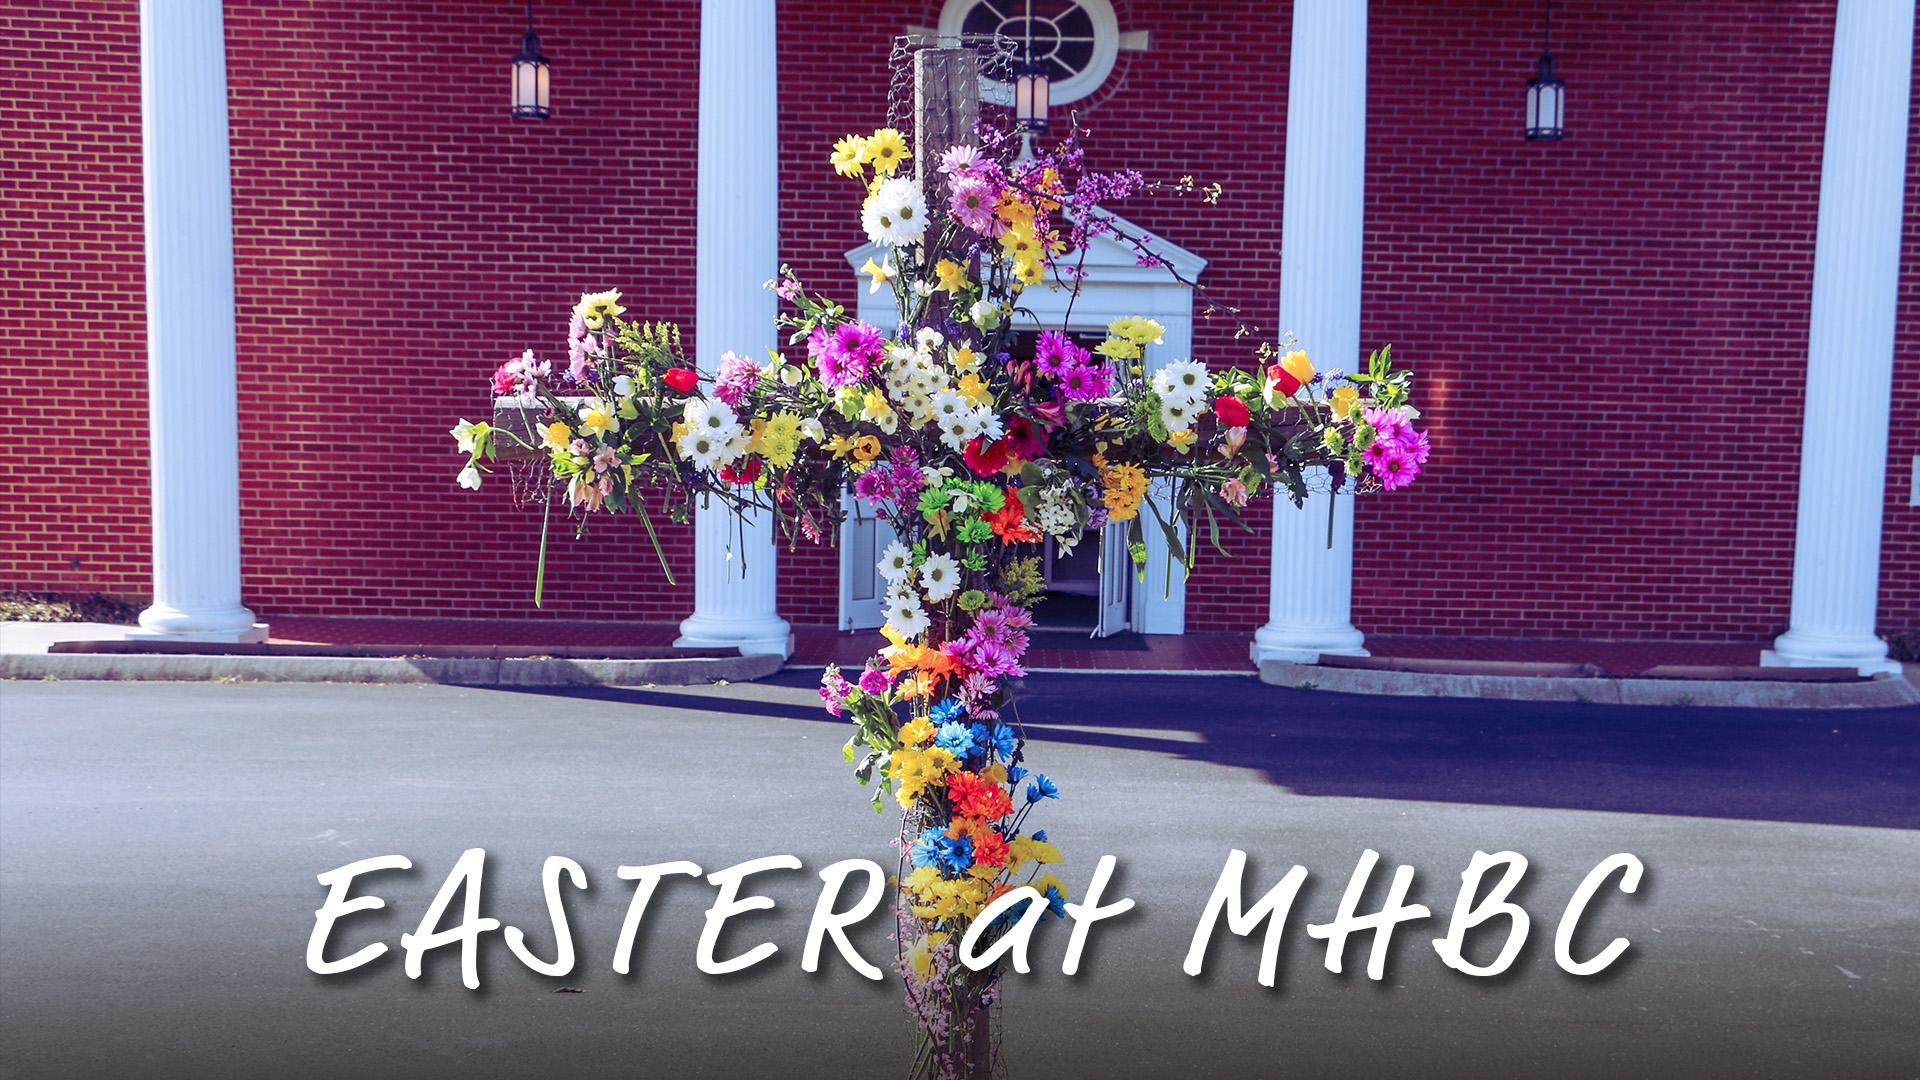 Easter Banner Image.jpg